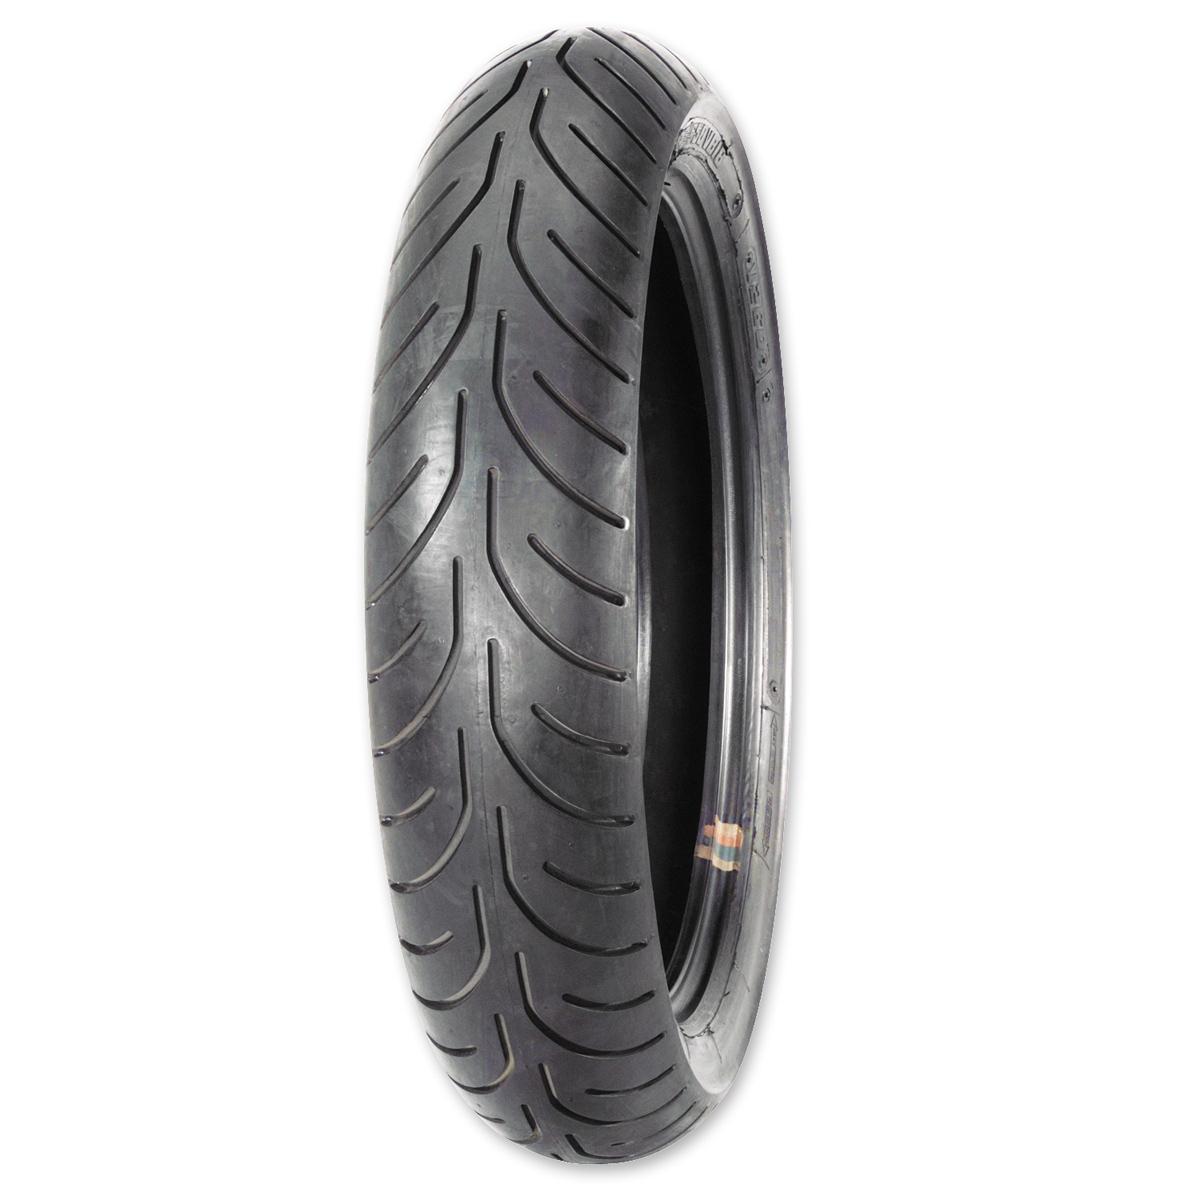 Avon AM23 130/65VB18 Rear Tire